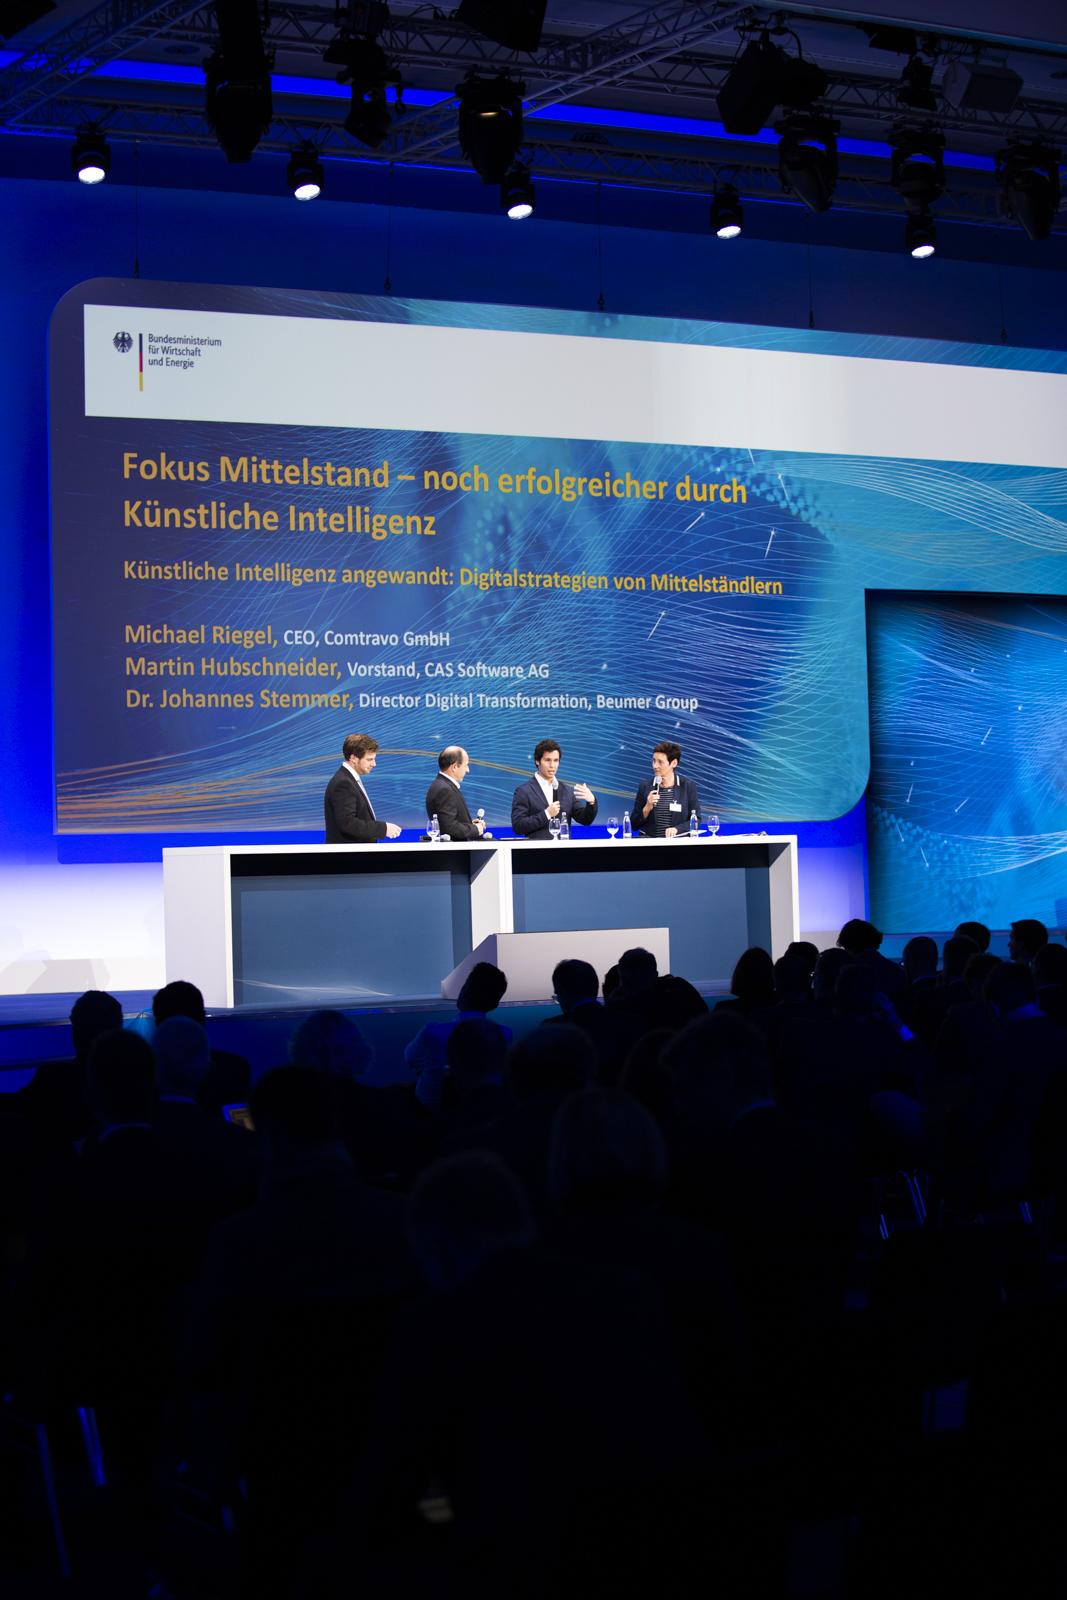 Künstliche Intelligenz angewandt: Digitalstrategien von Mittels